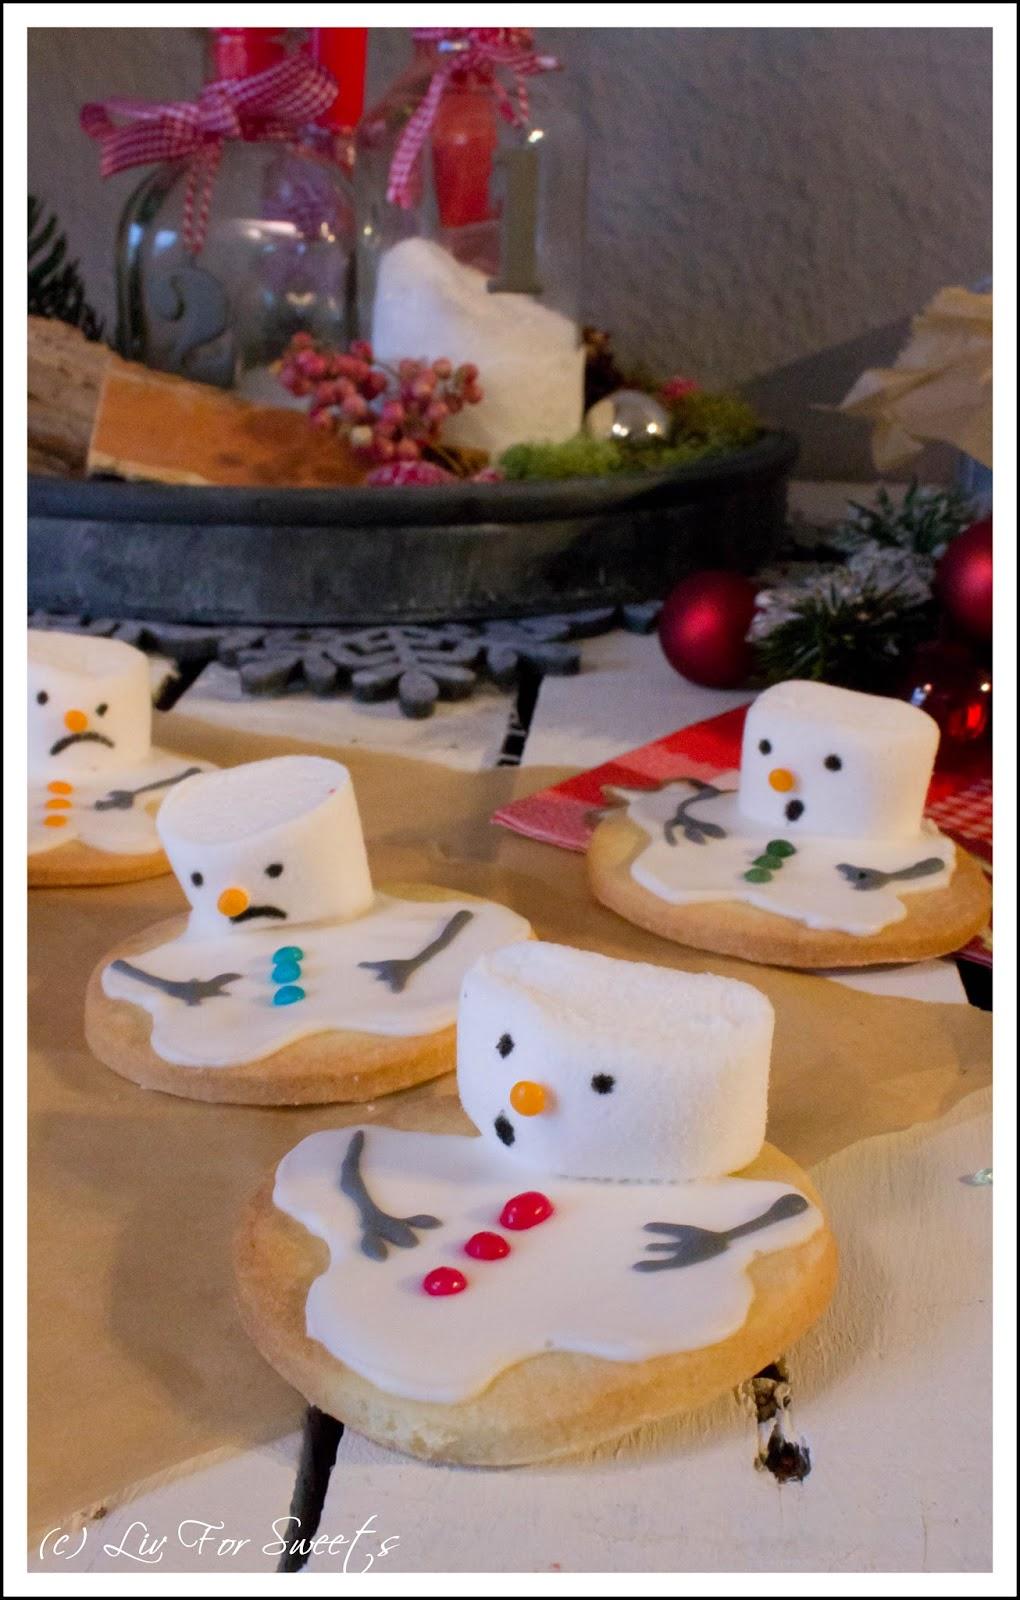 Schneemann-Kekse mit Marshmallows und Zuckerguss, Mürbeteig, Weihnachten, Plätzchen, Rezept, Thermomix